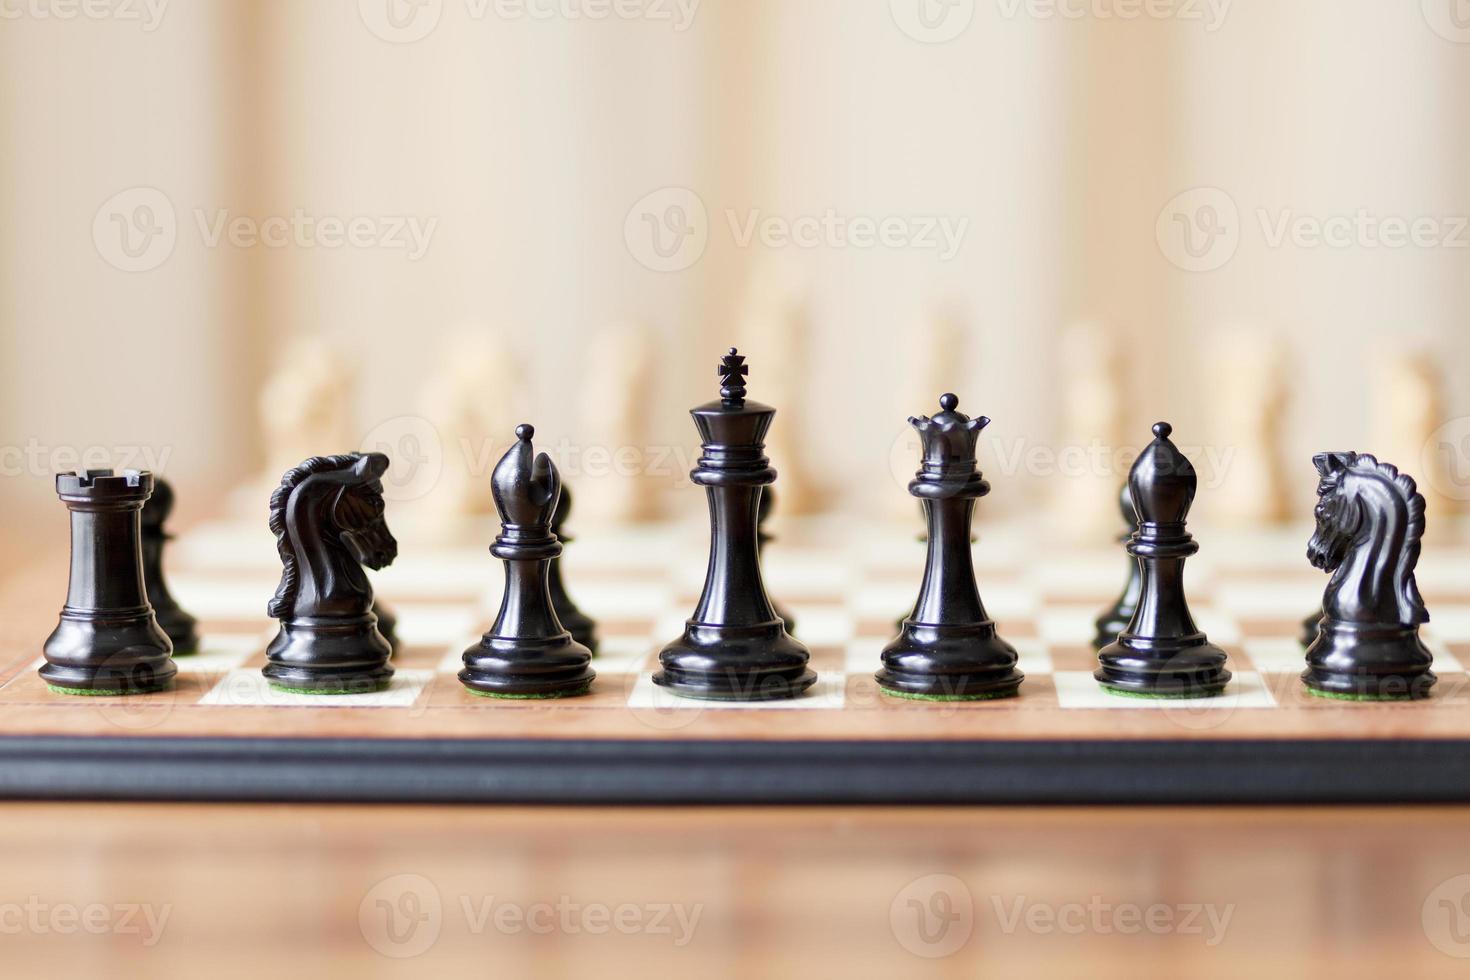 schackbrickor på schackbräde foto